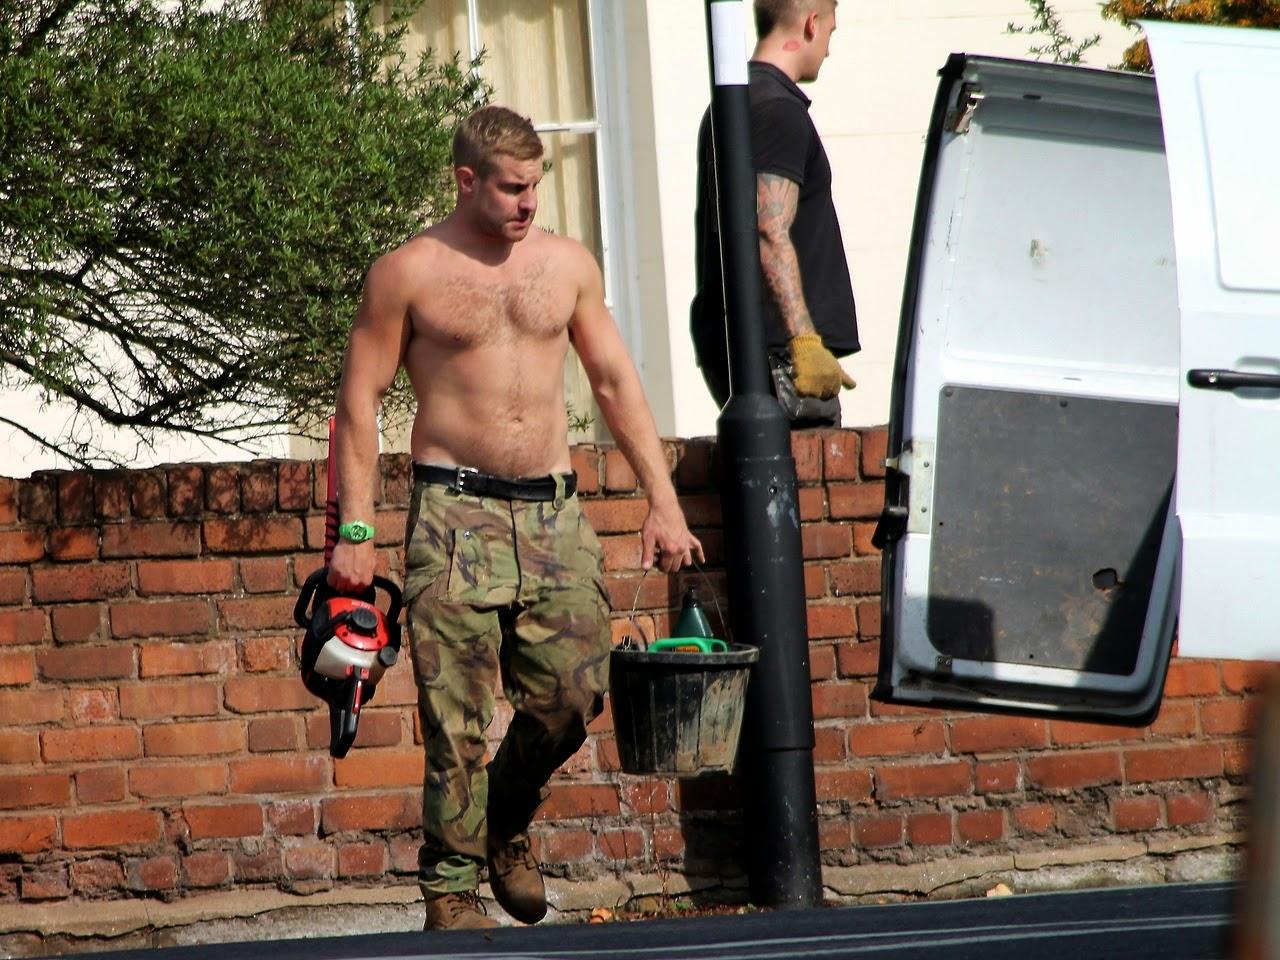 Hot Guy At Work